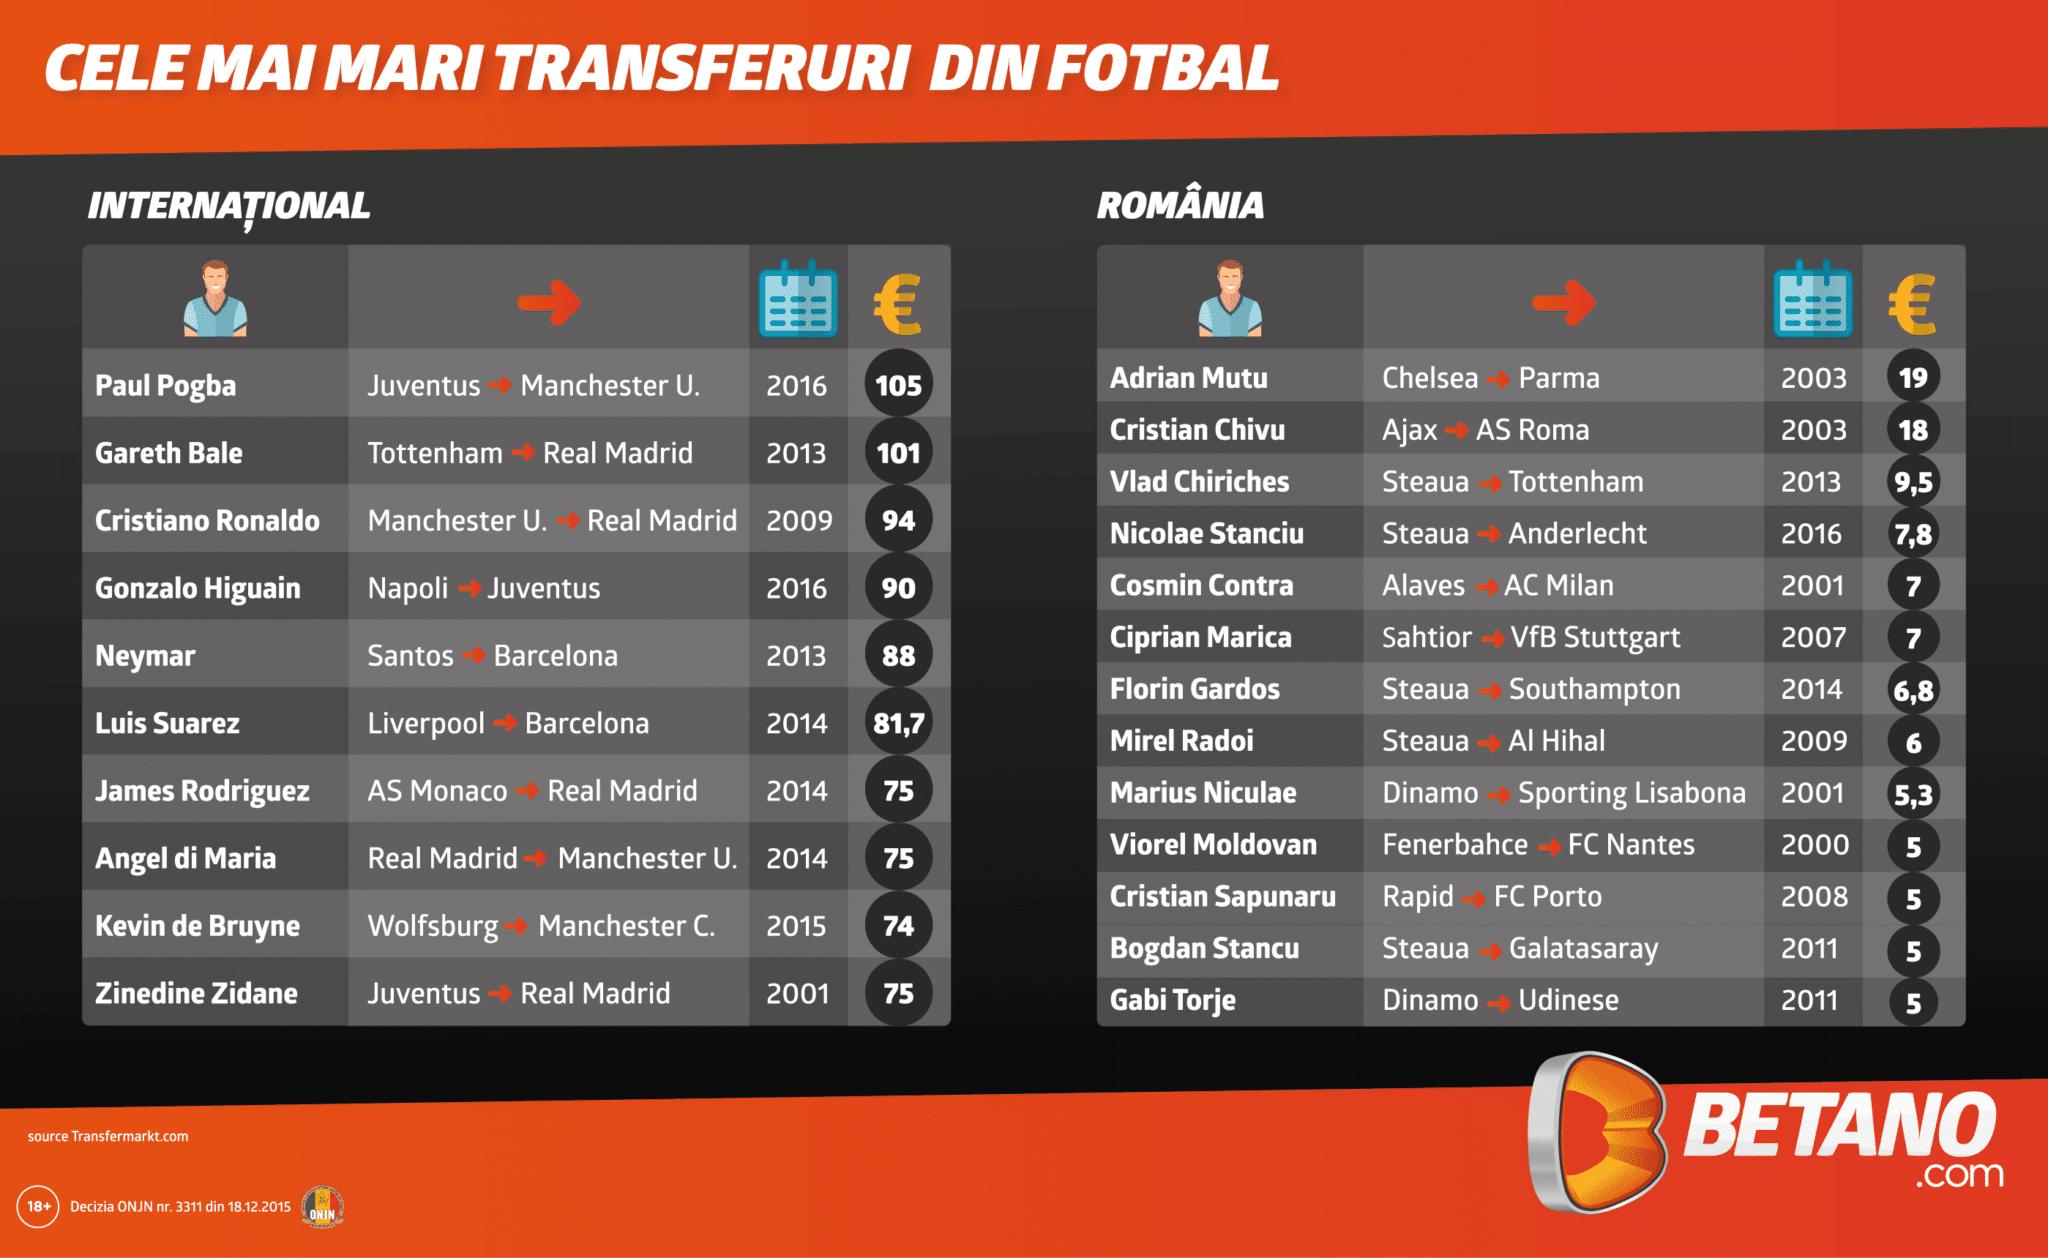 Top 10 transferuri fotbal pana in 2016